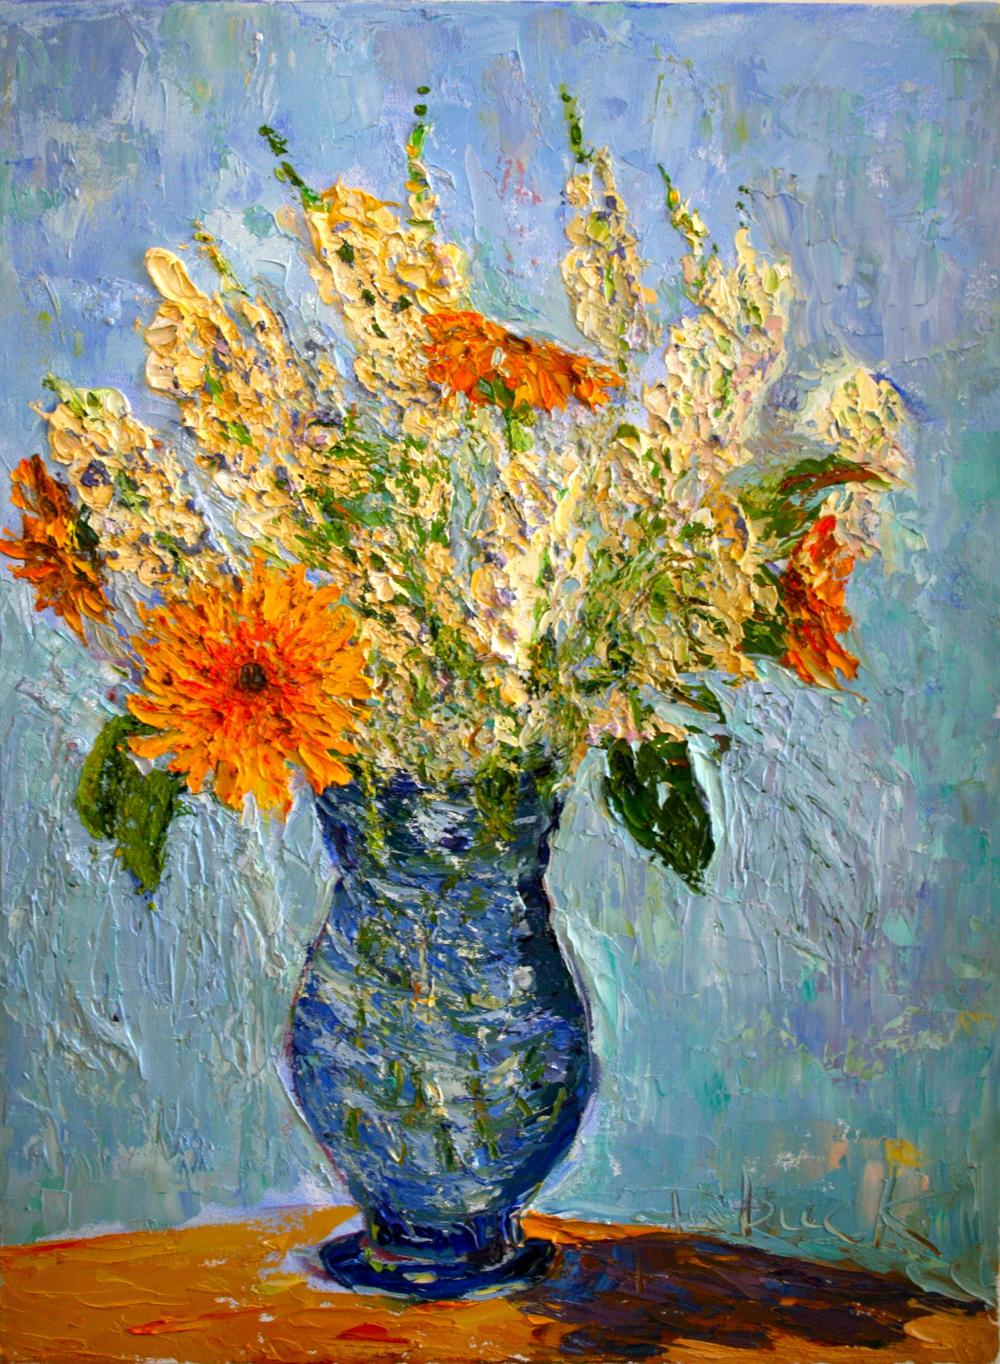 flowers-from-jean-18x24-525.jpg